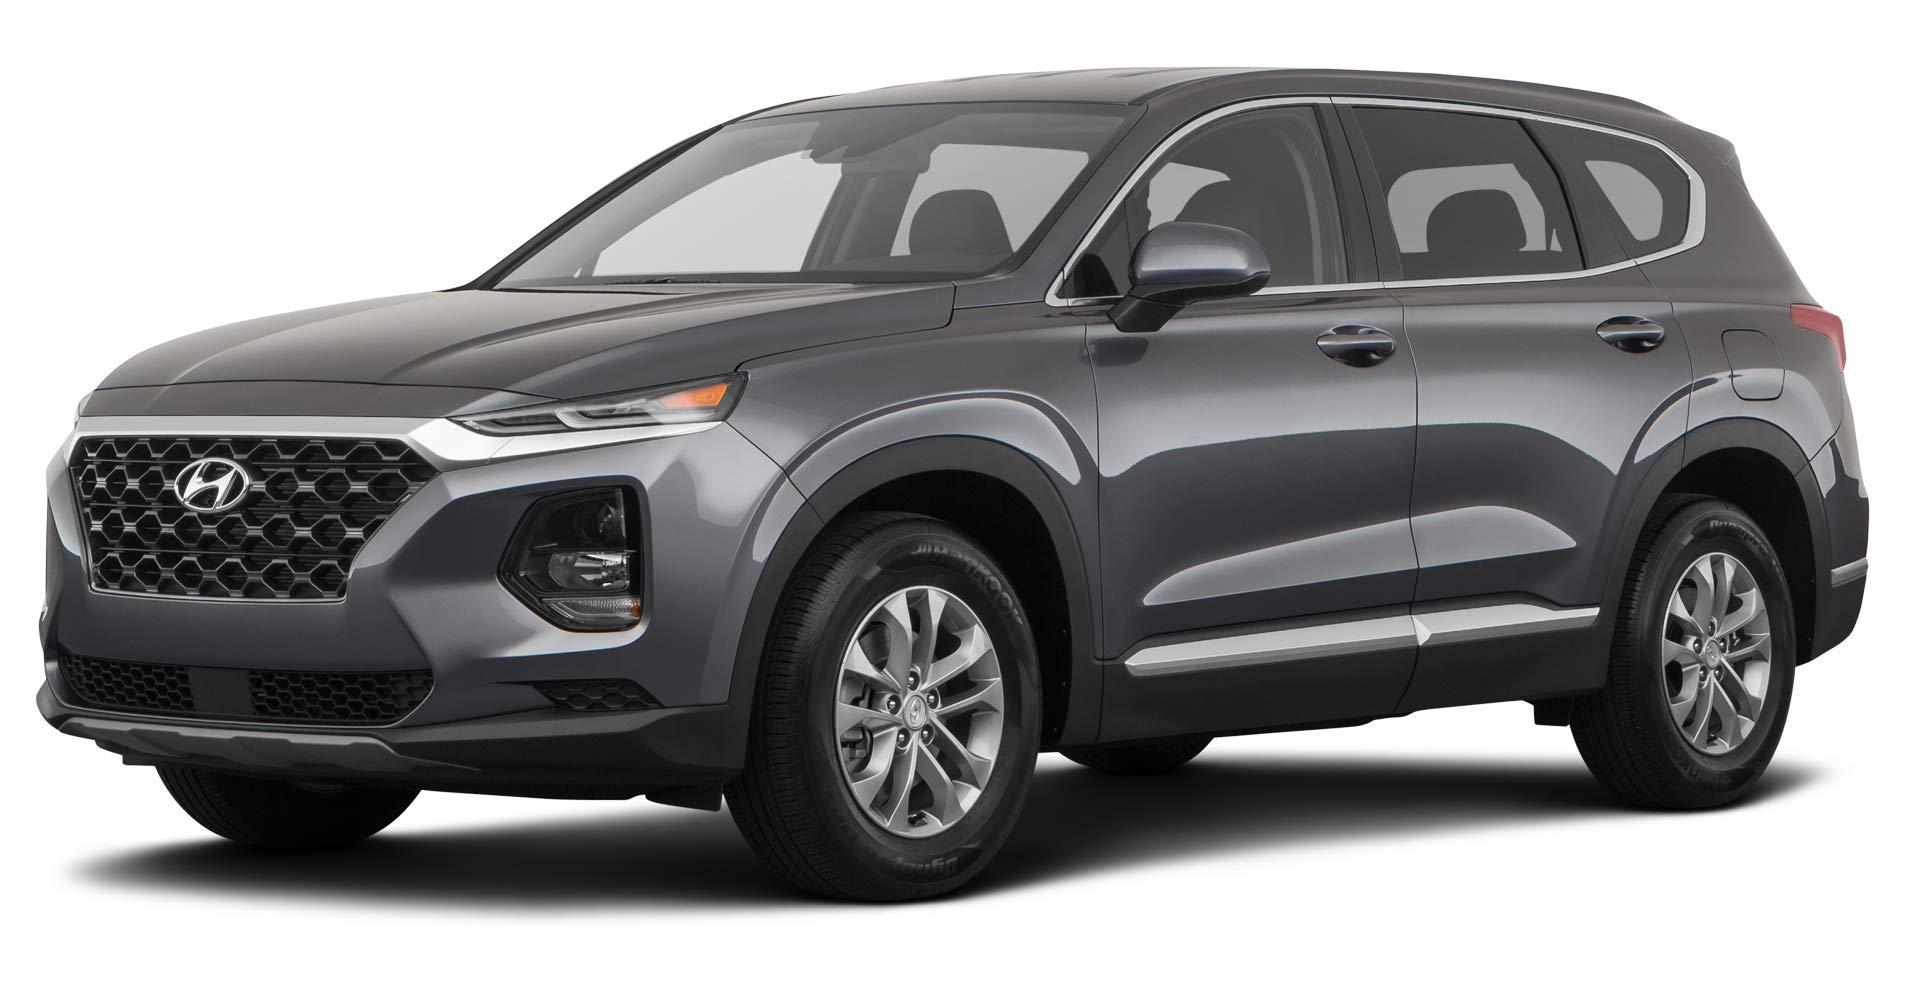 Amazon.com: 2020 Hyundai Santa Fe Limited Reviews, Images ...